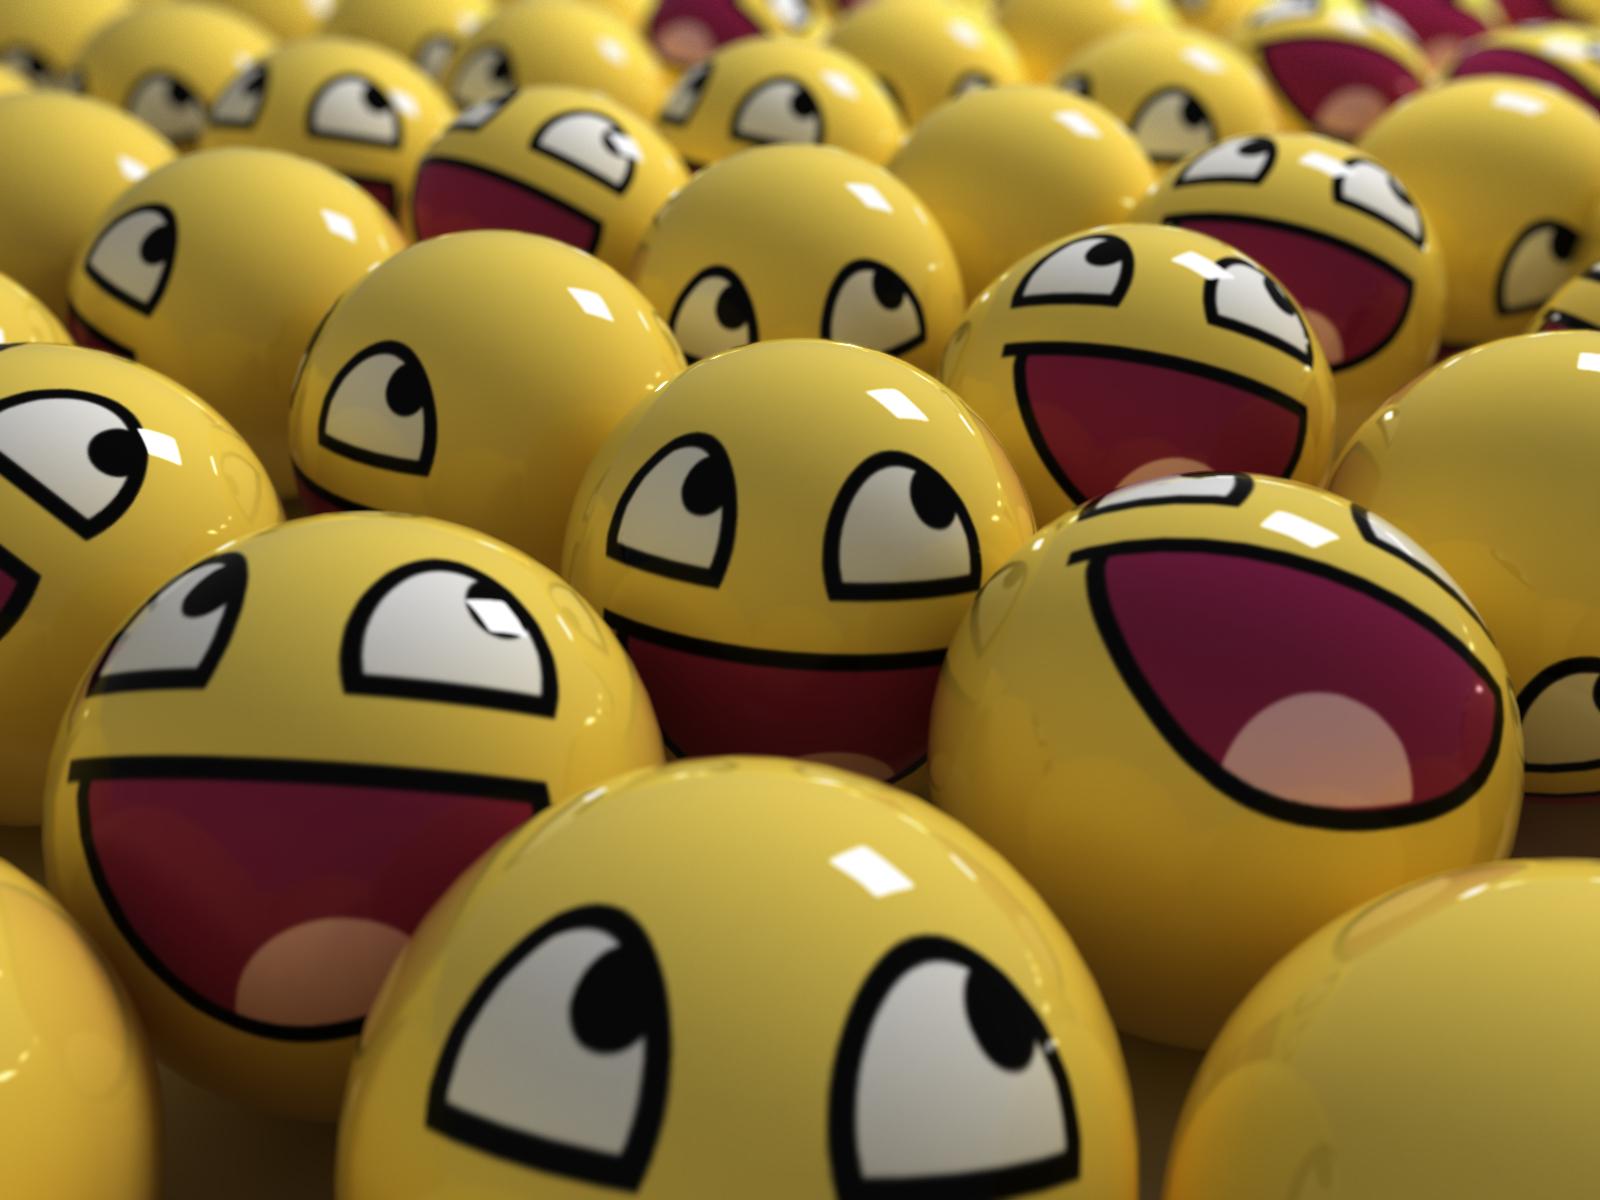 http://4.bp.blogspot.com/_IX-VUYLhK1Y/TLOvofqX4PI/AAAAAAAAAEE/eQuIzAEy82Q/s1600/1263950969907.jpg